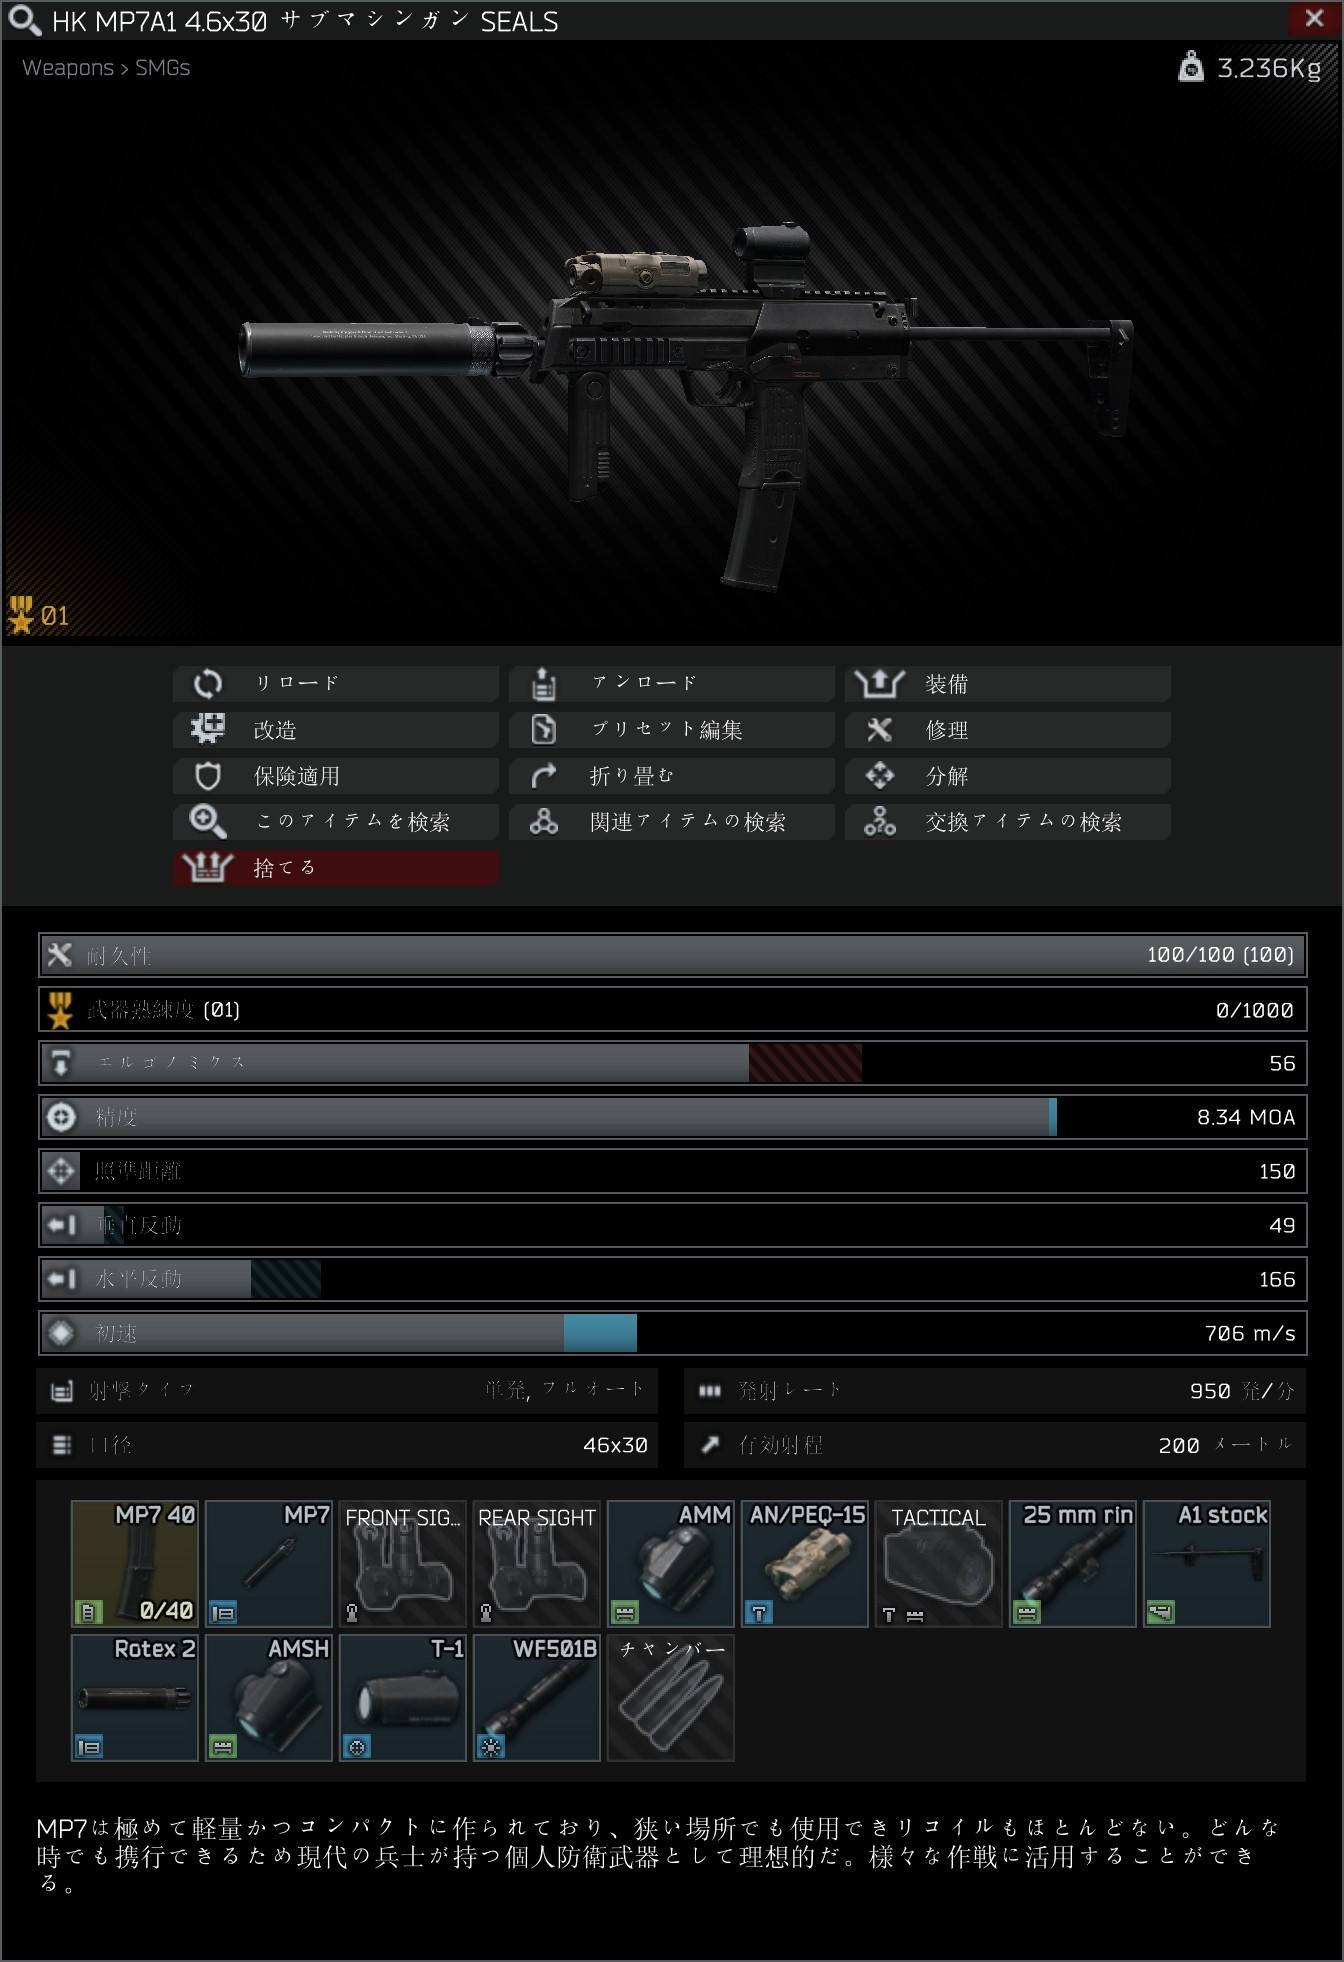 MP7A1 SEALS.jpg